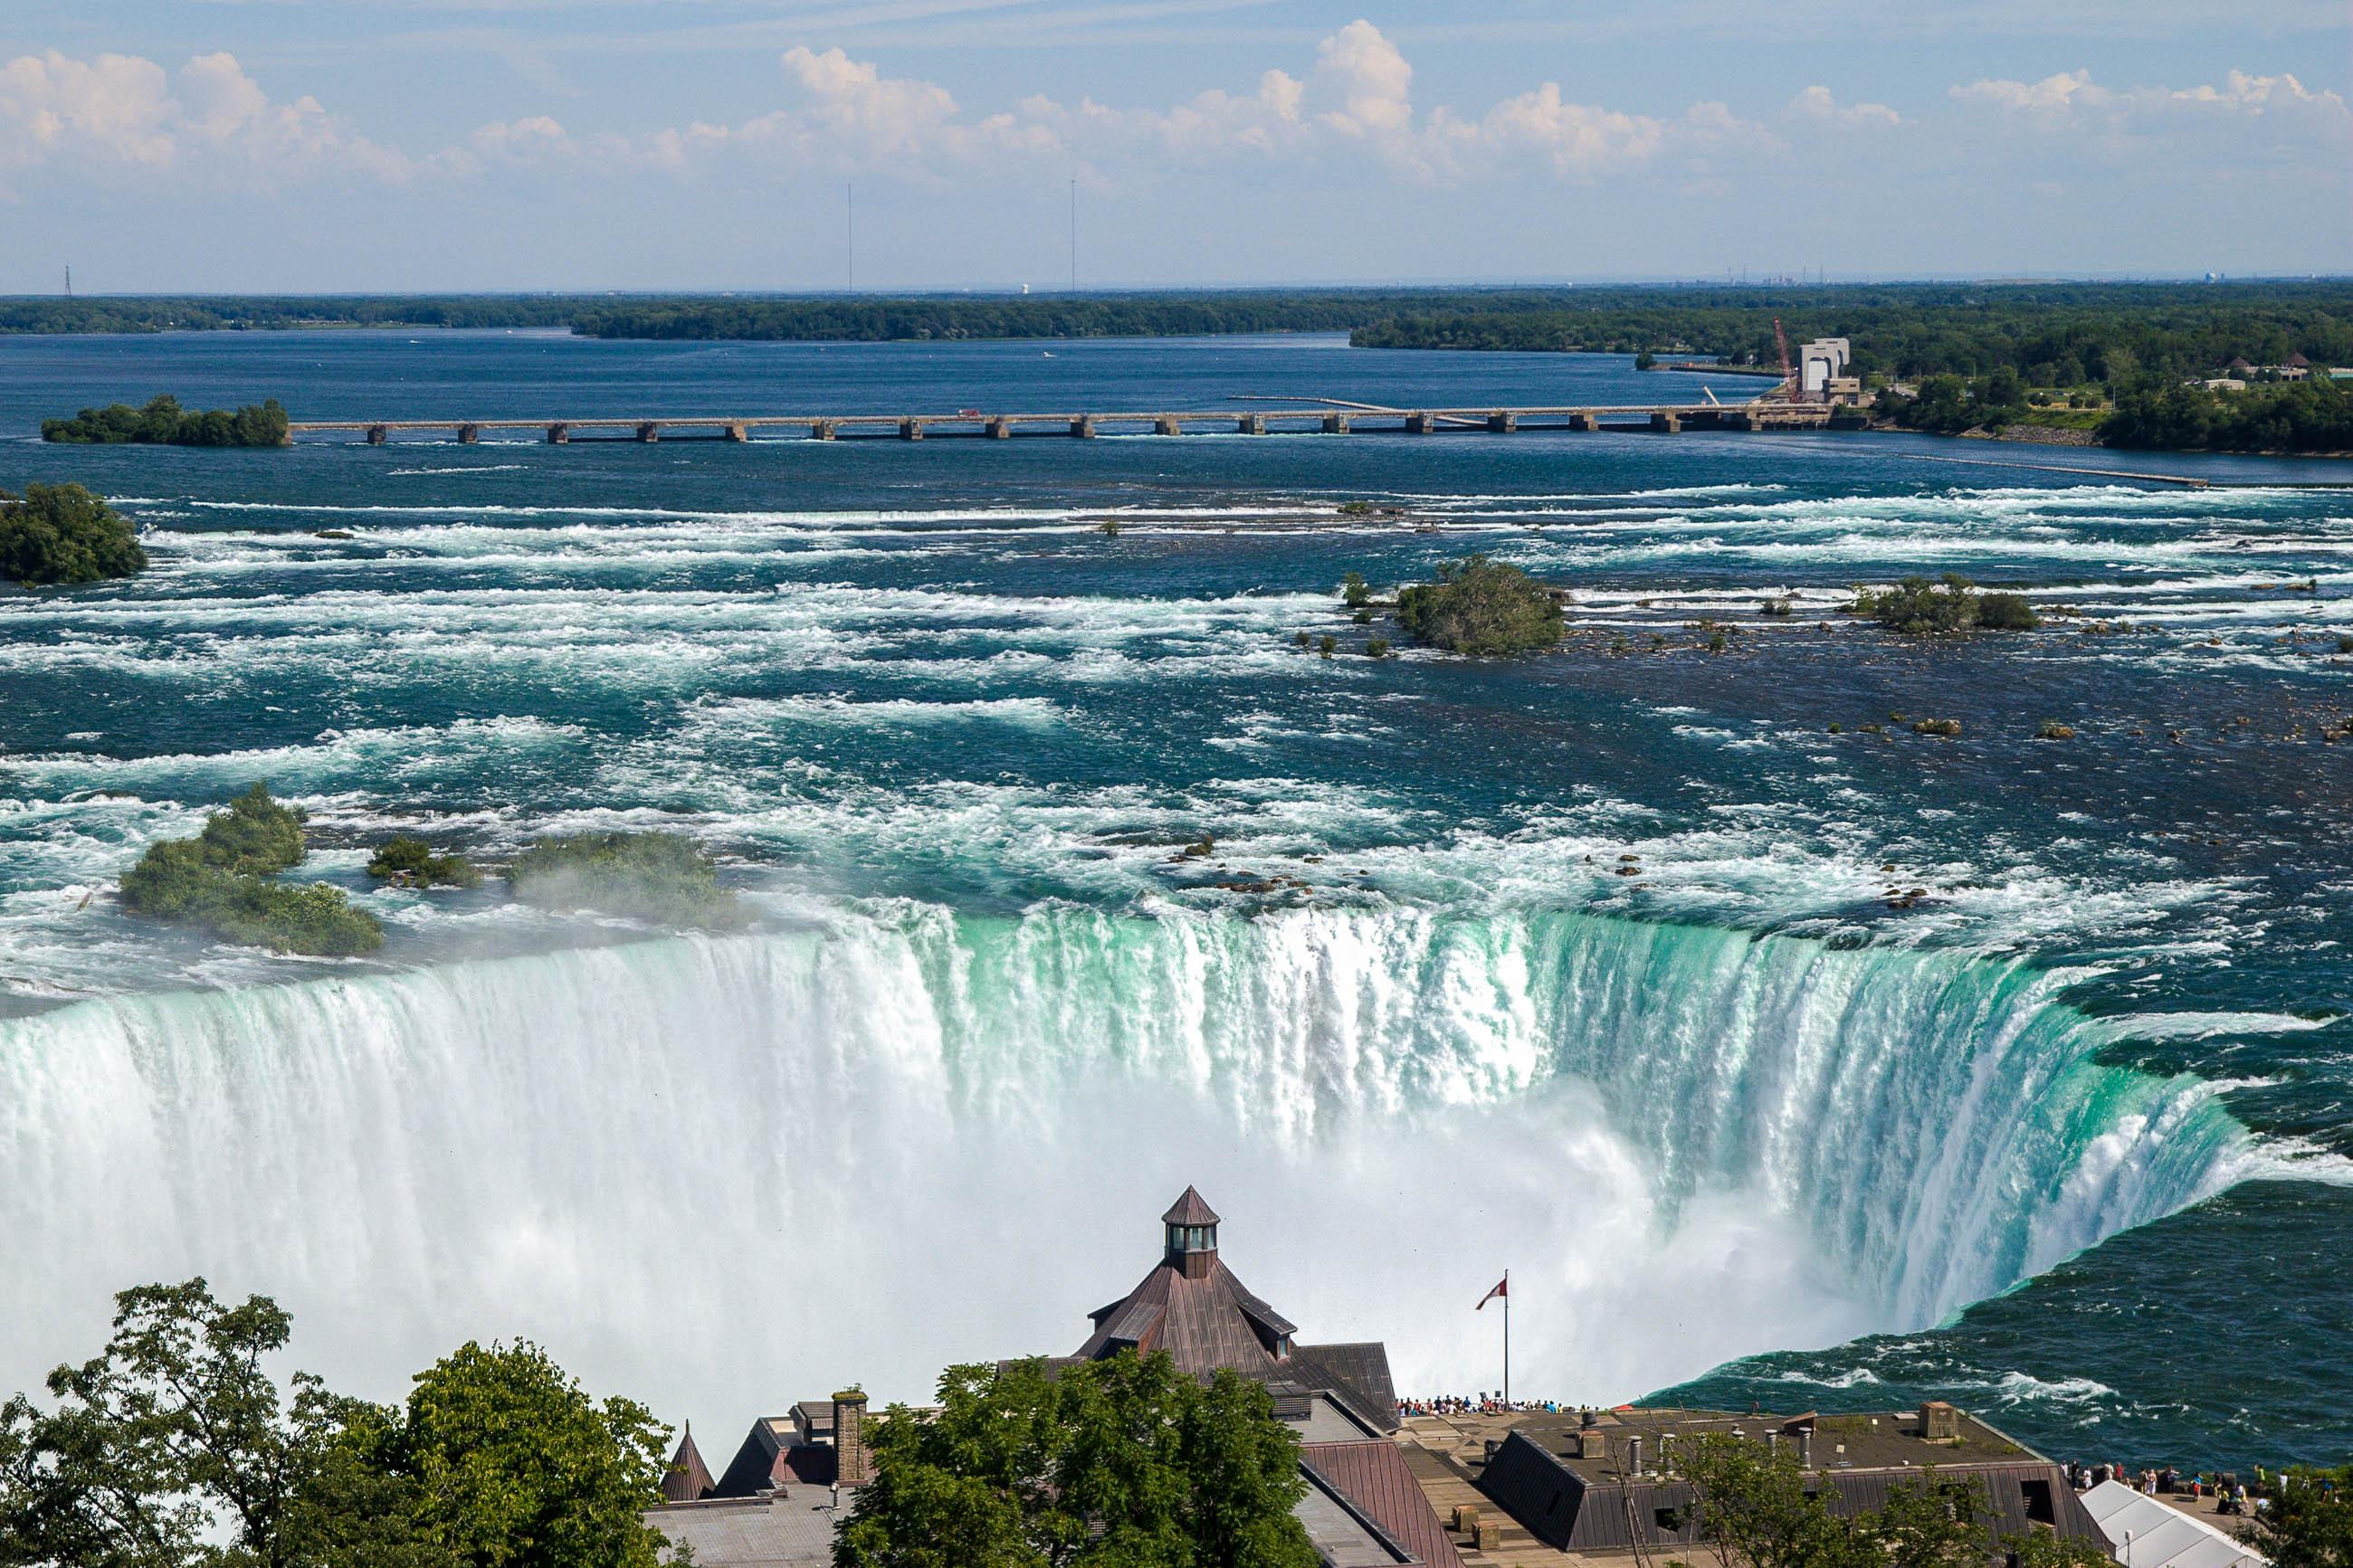 Blick vom Skylon-Tower von der kanadischen Seite auf die Niagara-Fälle, Kanada/USA - © James Camel / franks-travelbox